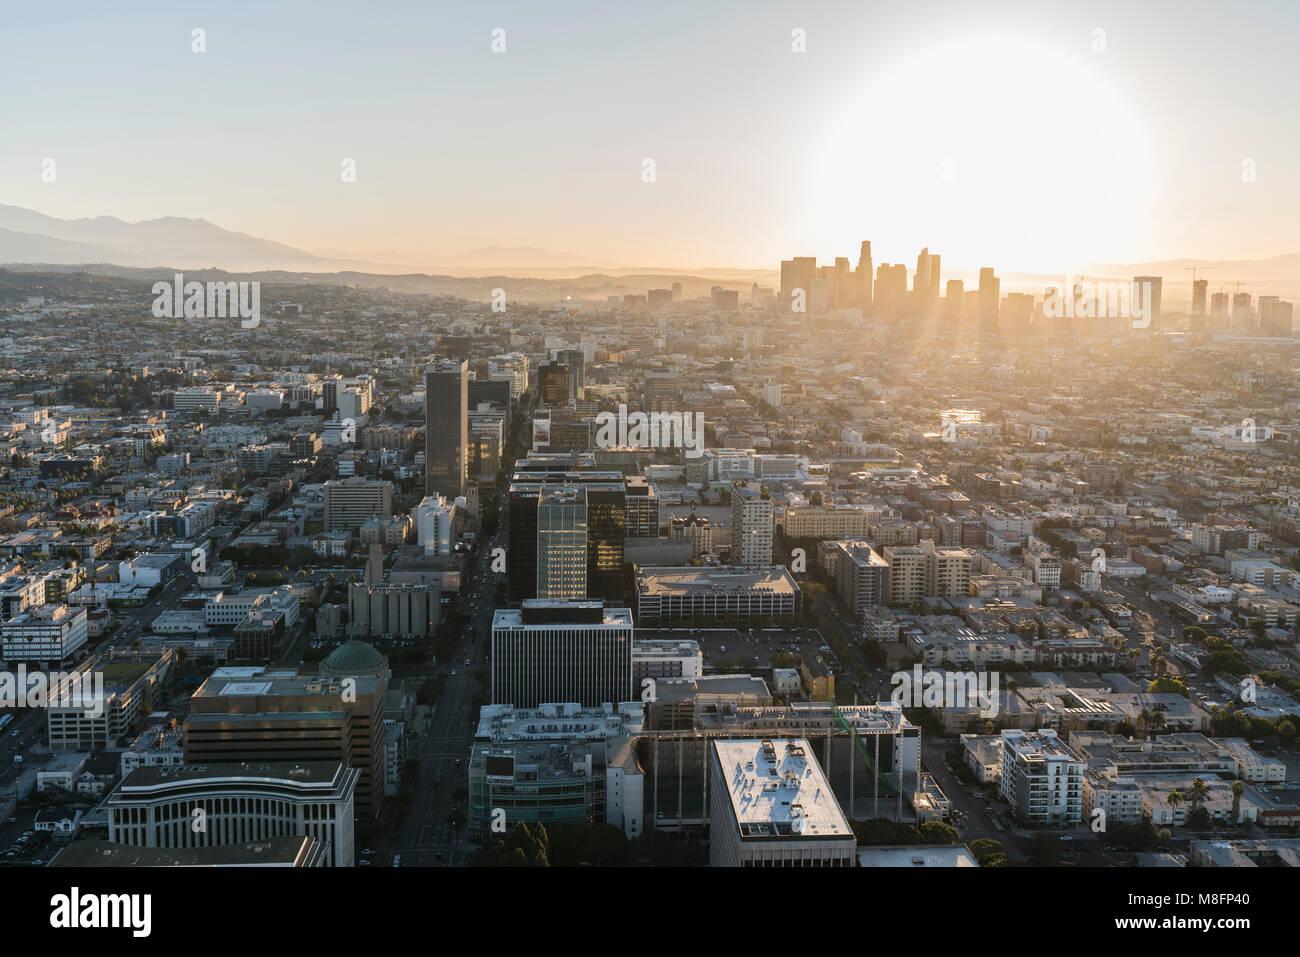 Los Angeles, California, EE.UU. - 20 de febrero de 2018: mañana temprano vista aérea de torres, edificios Imagen De Stock